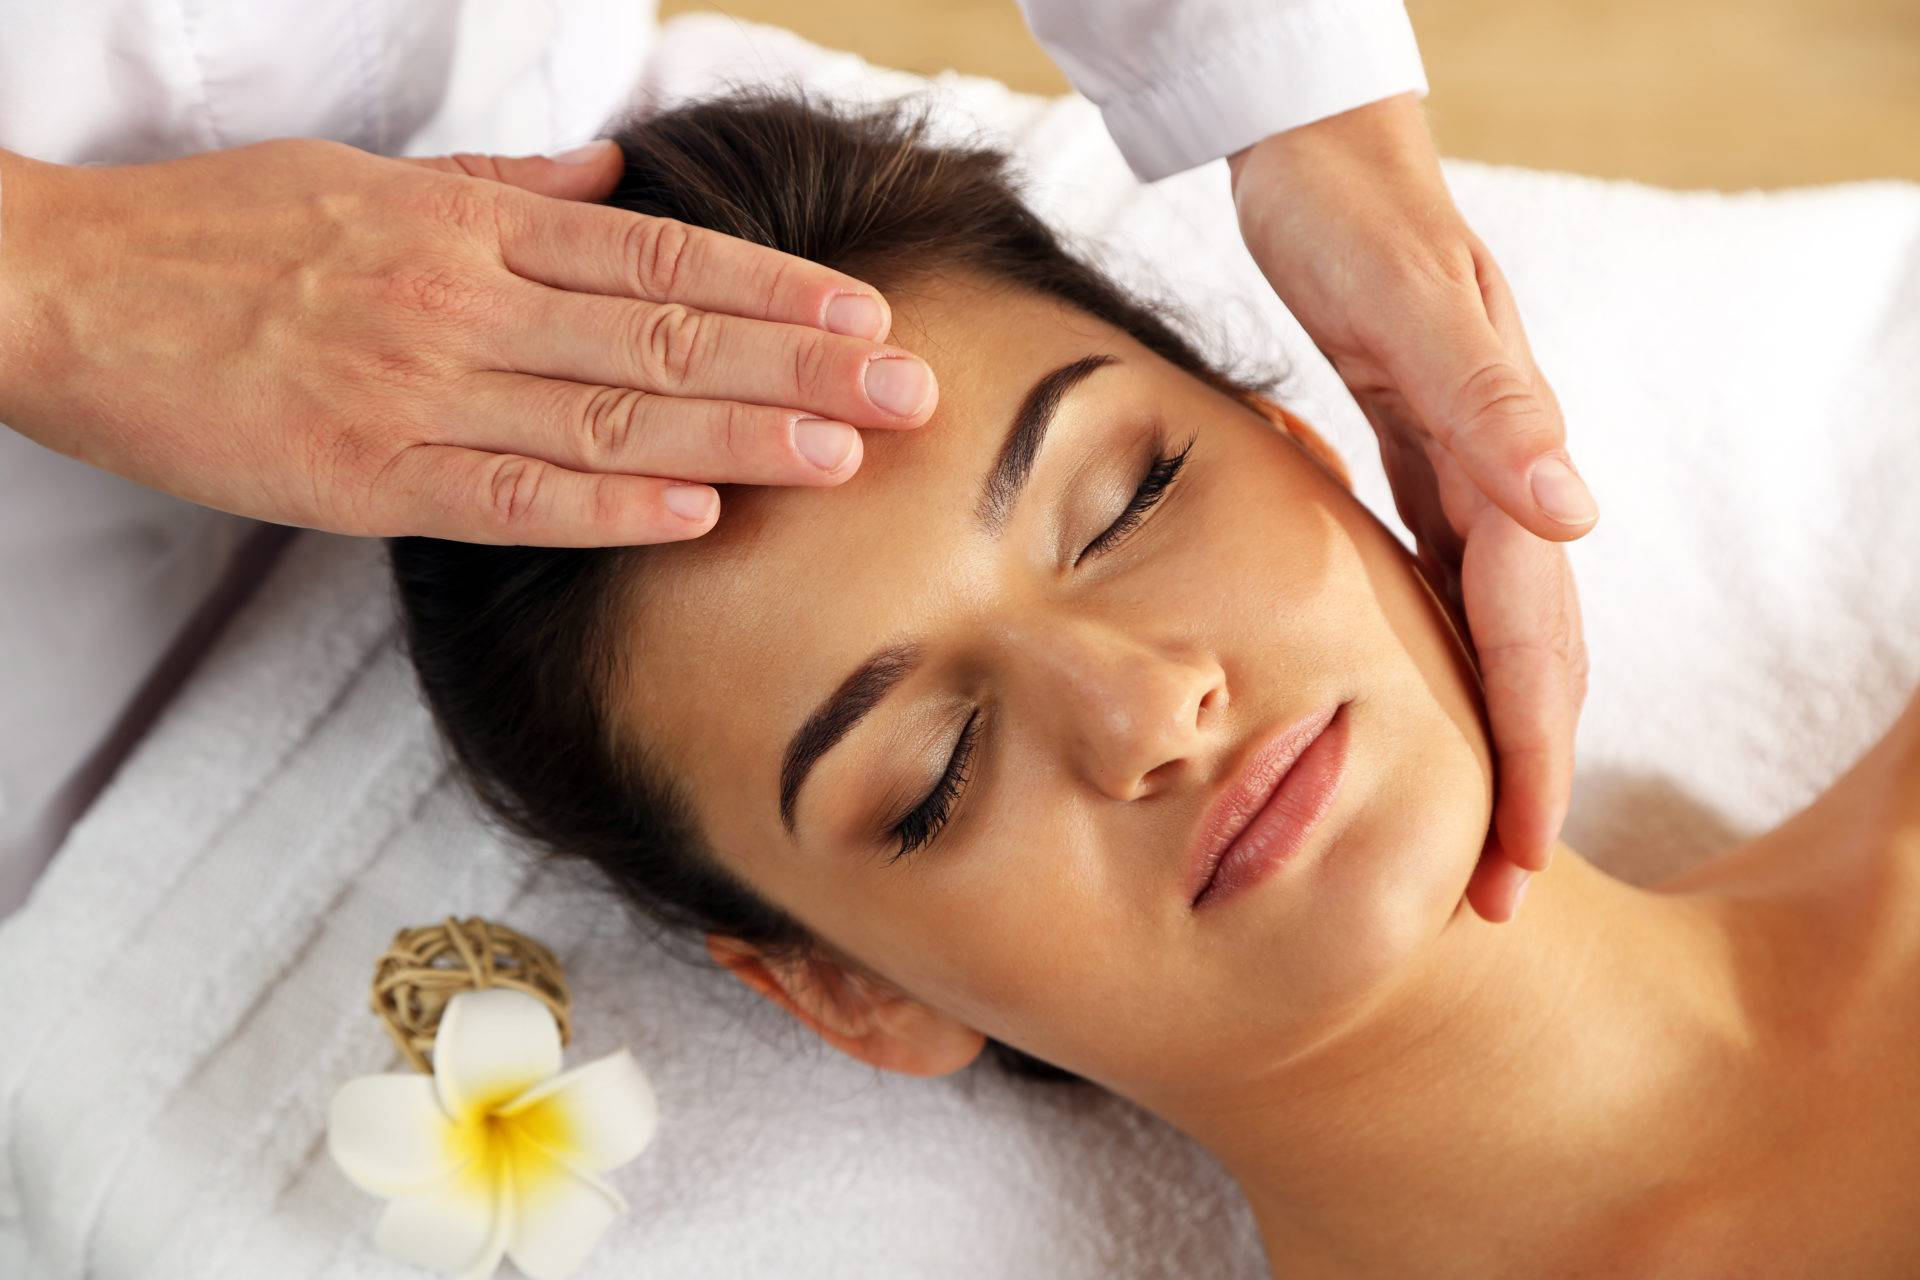 Глубокий массаж лица — польза или вред для здоровья